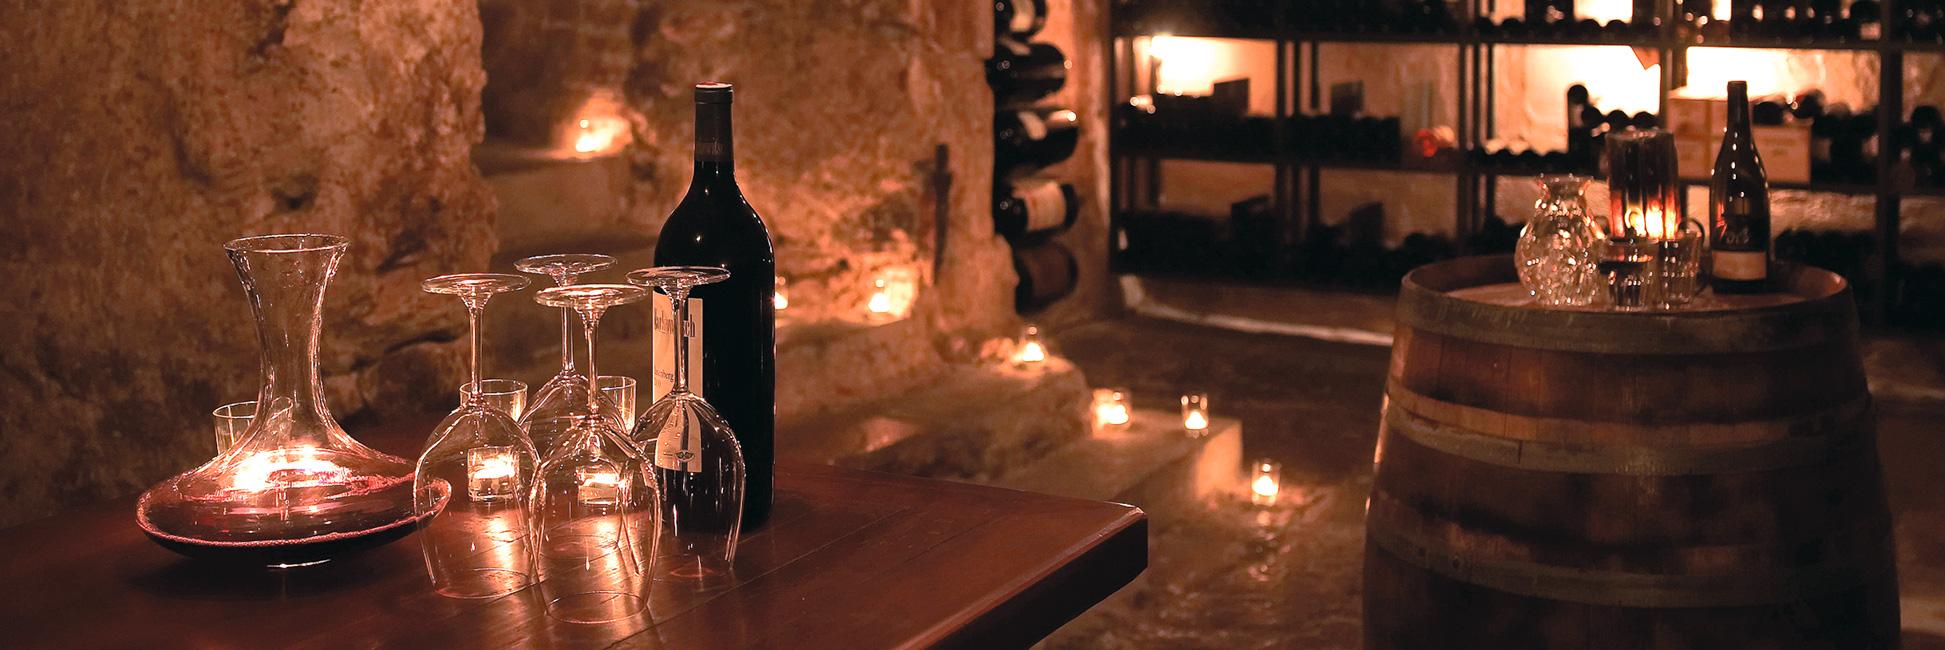 Hotel Gasthof zur Post Weinkeller